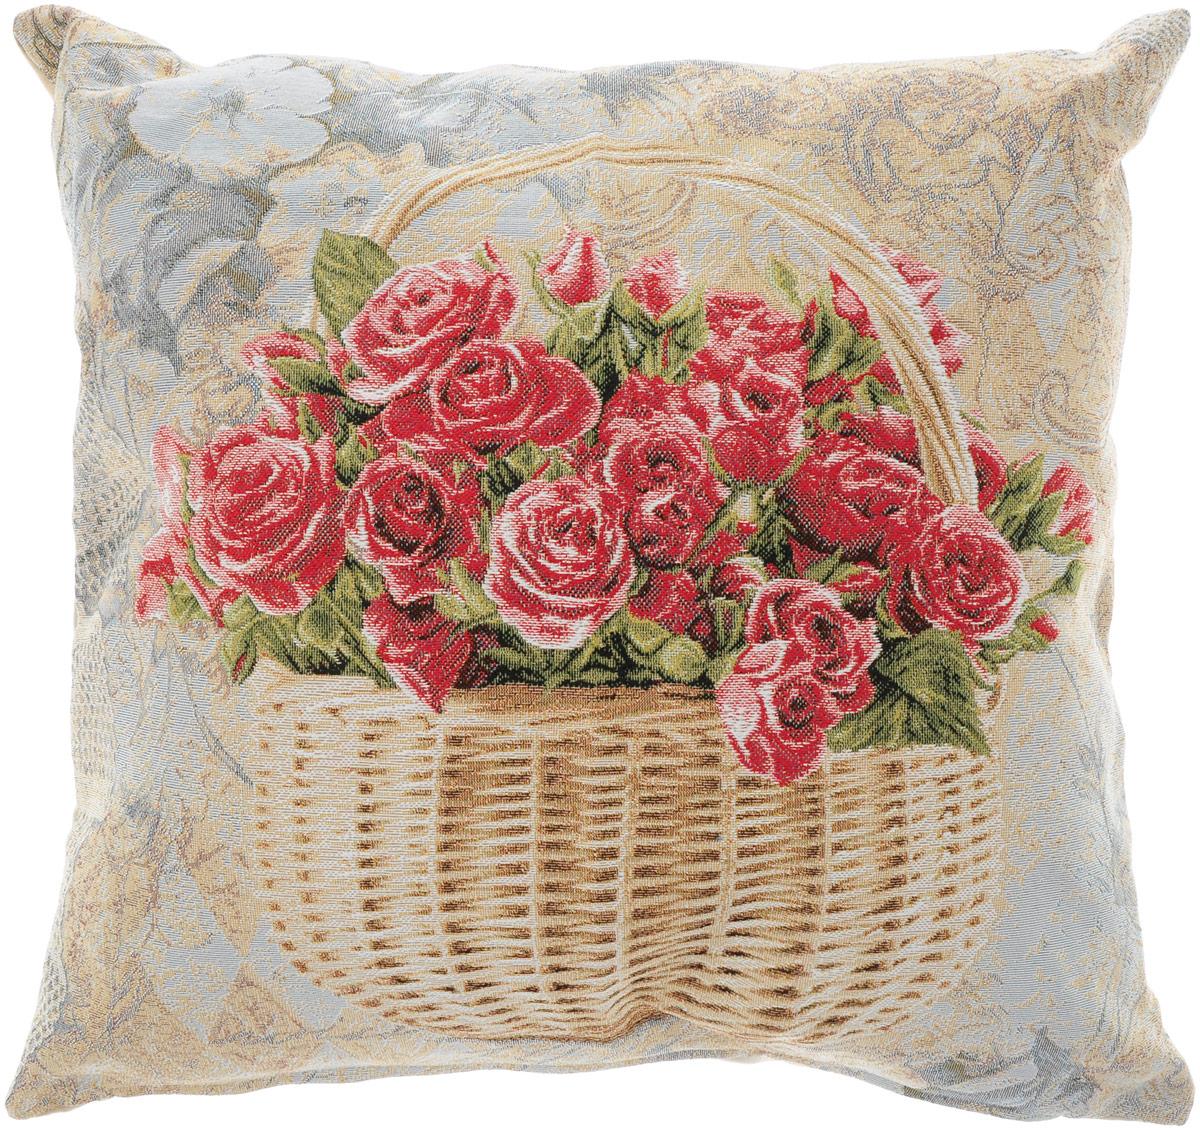 Подушка декоративная Рапира Корзина с розами, 50 х 50 смS03301004Декоративная подушка Рапира Корзина с розами изготовлена из хлопка и полиэфира. Изделие очень прочное и нежное на ощупь. Лицевая сторона подушки имеет яркий рисунок. Чехол подушки снабжен удобной молнией. Такая подушка станет приятным дополнением к интерьеру любой комнаты.Размер подушки: 50 х 50 см.